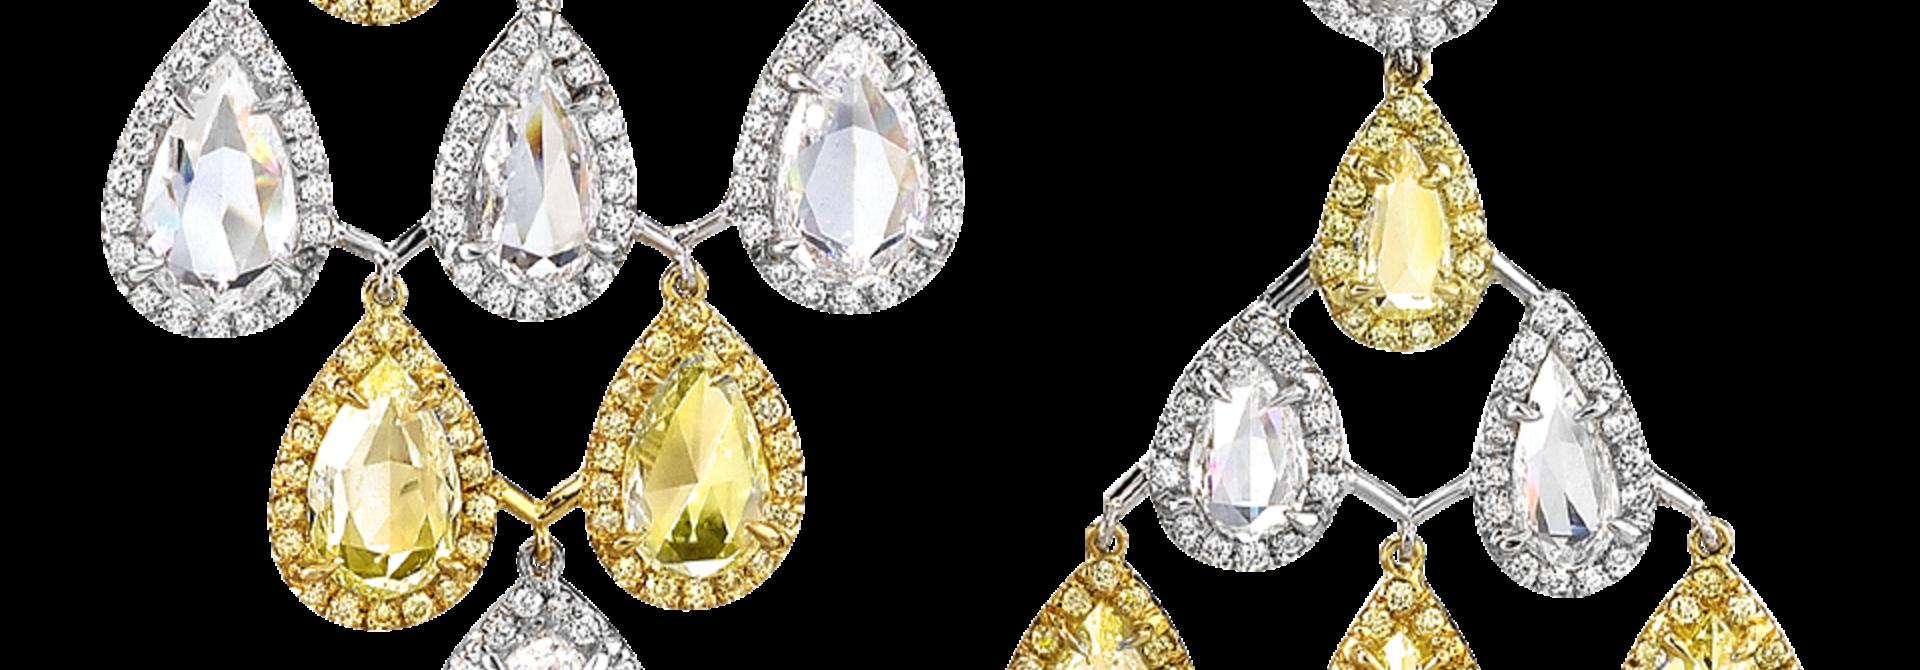 Yellow & White Diamond Chandelier Earrings